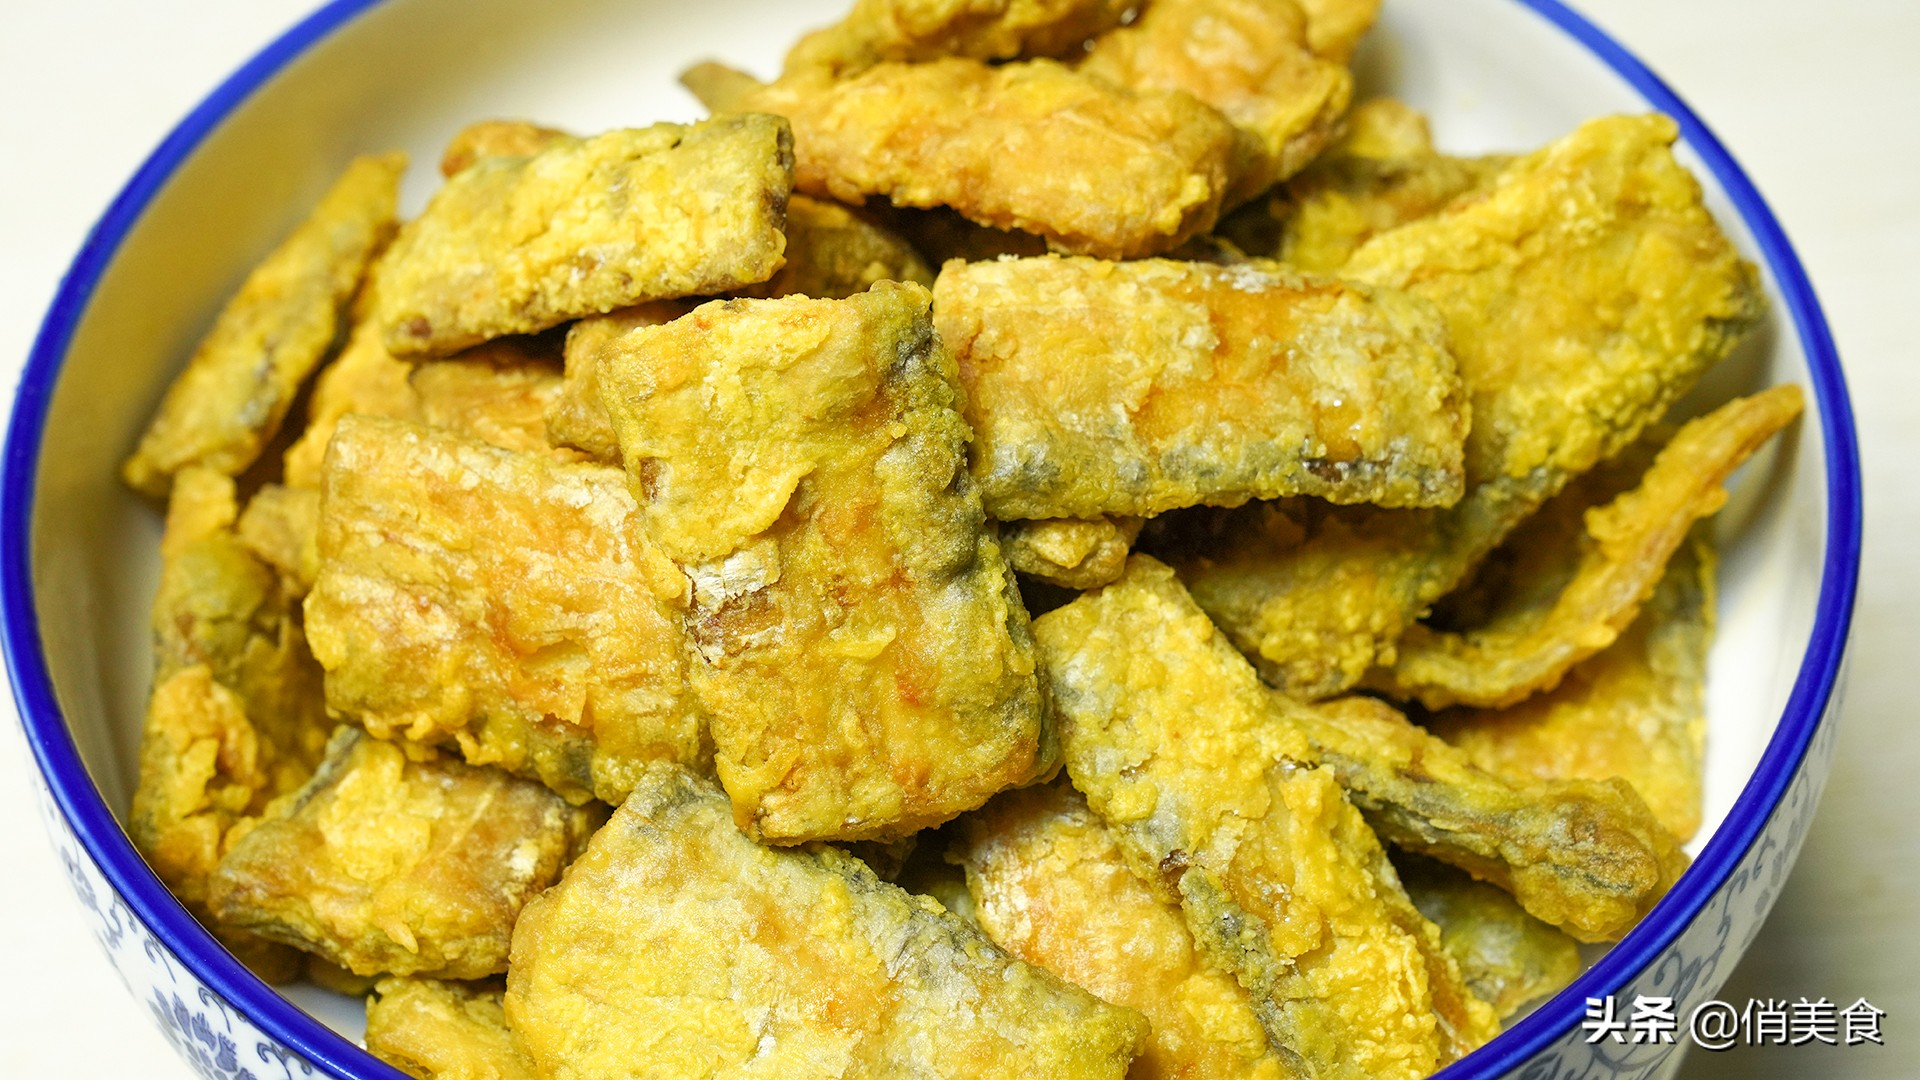 炸带鱼,到底是裹面粉还是淀粉?教你正确做法,外酥里嫩无腥味 美食做法 第11张